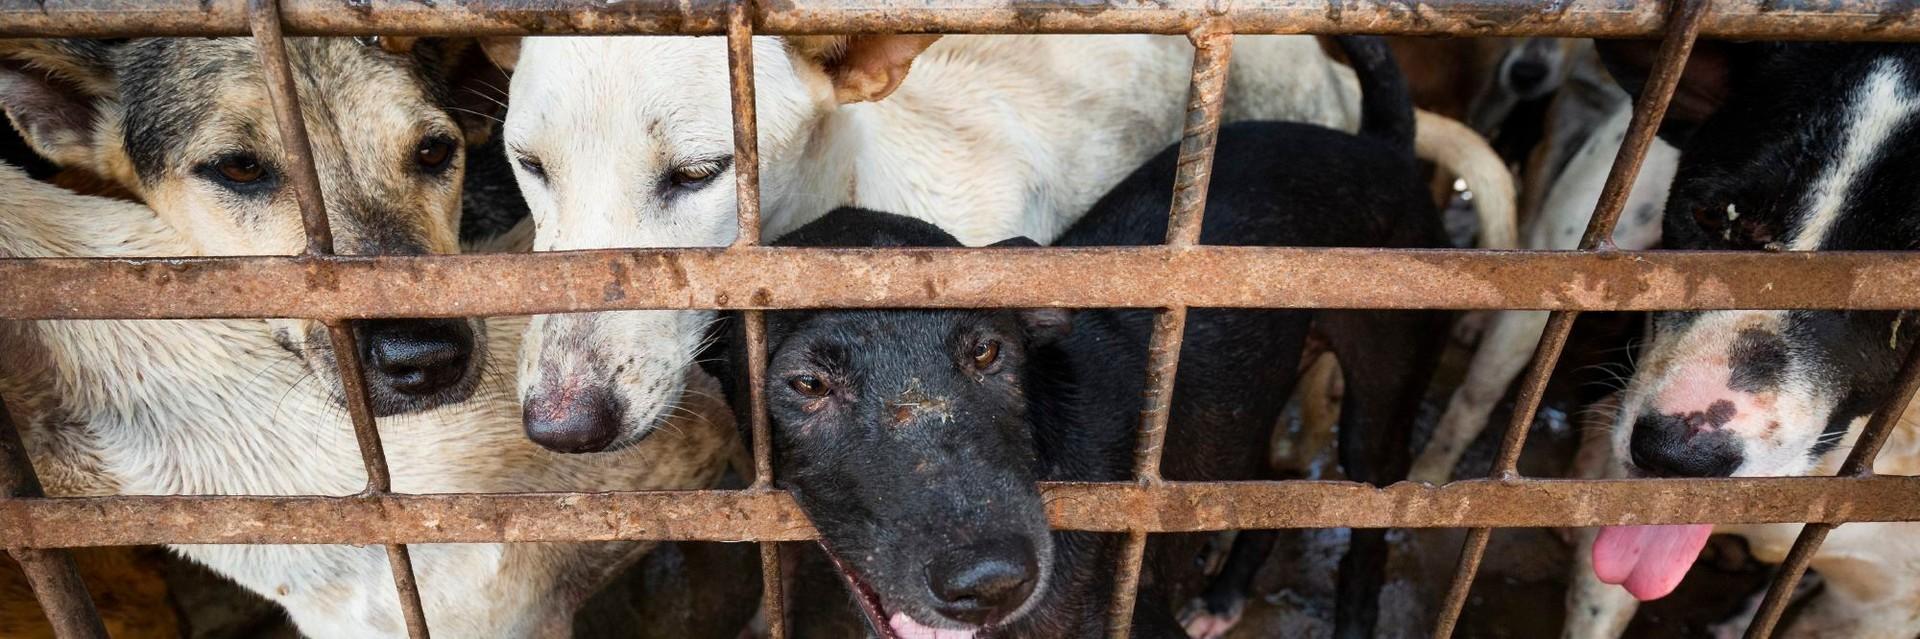 VIER VOETERS sluit hondenslachthuis in Cambodja